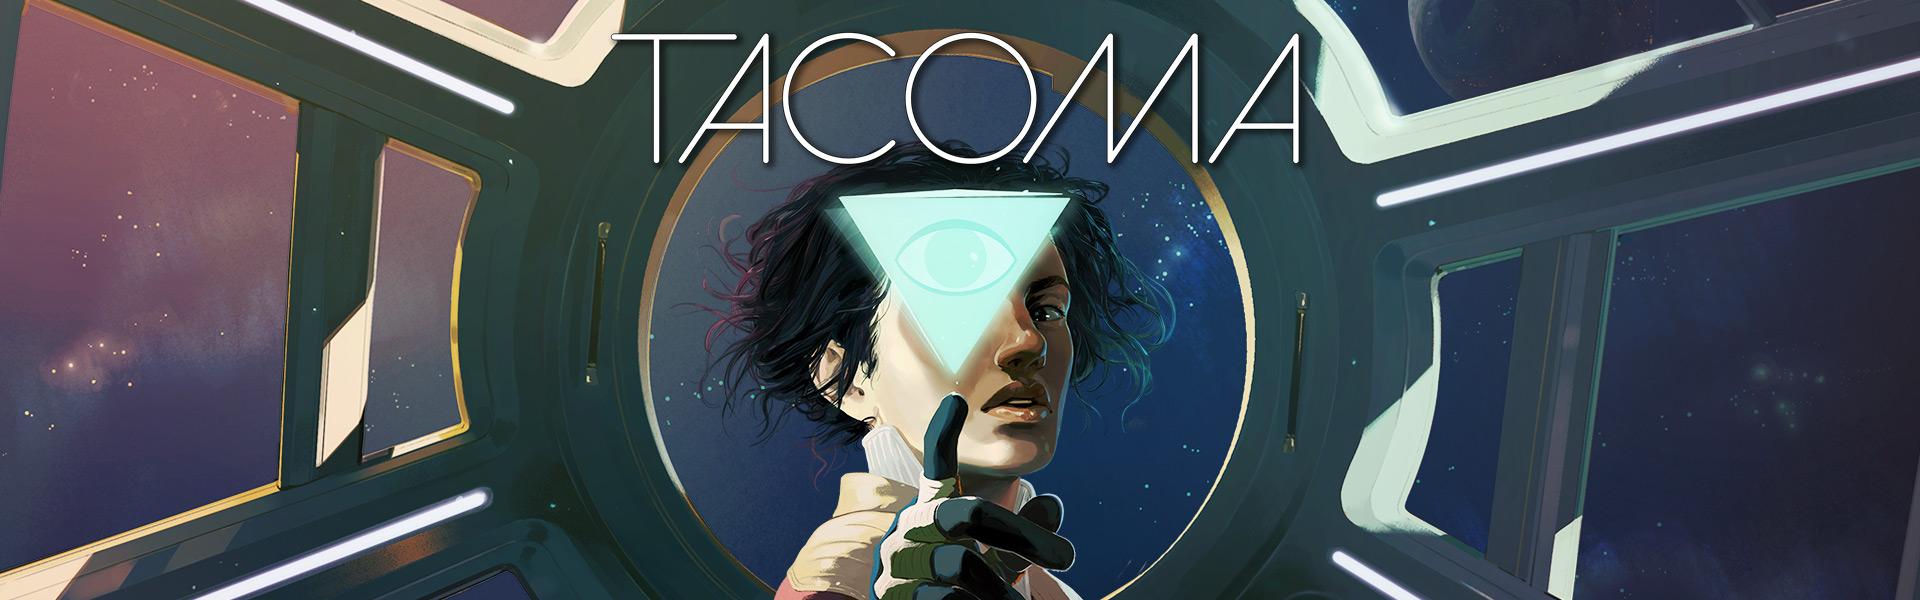 Tacoma. Hauptfigur zeigt auf KI mit Sternen im Hintergrund.